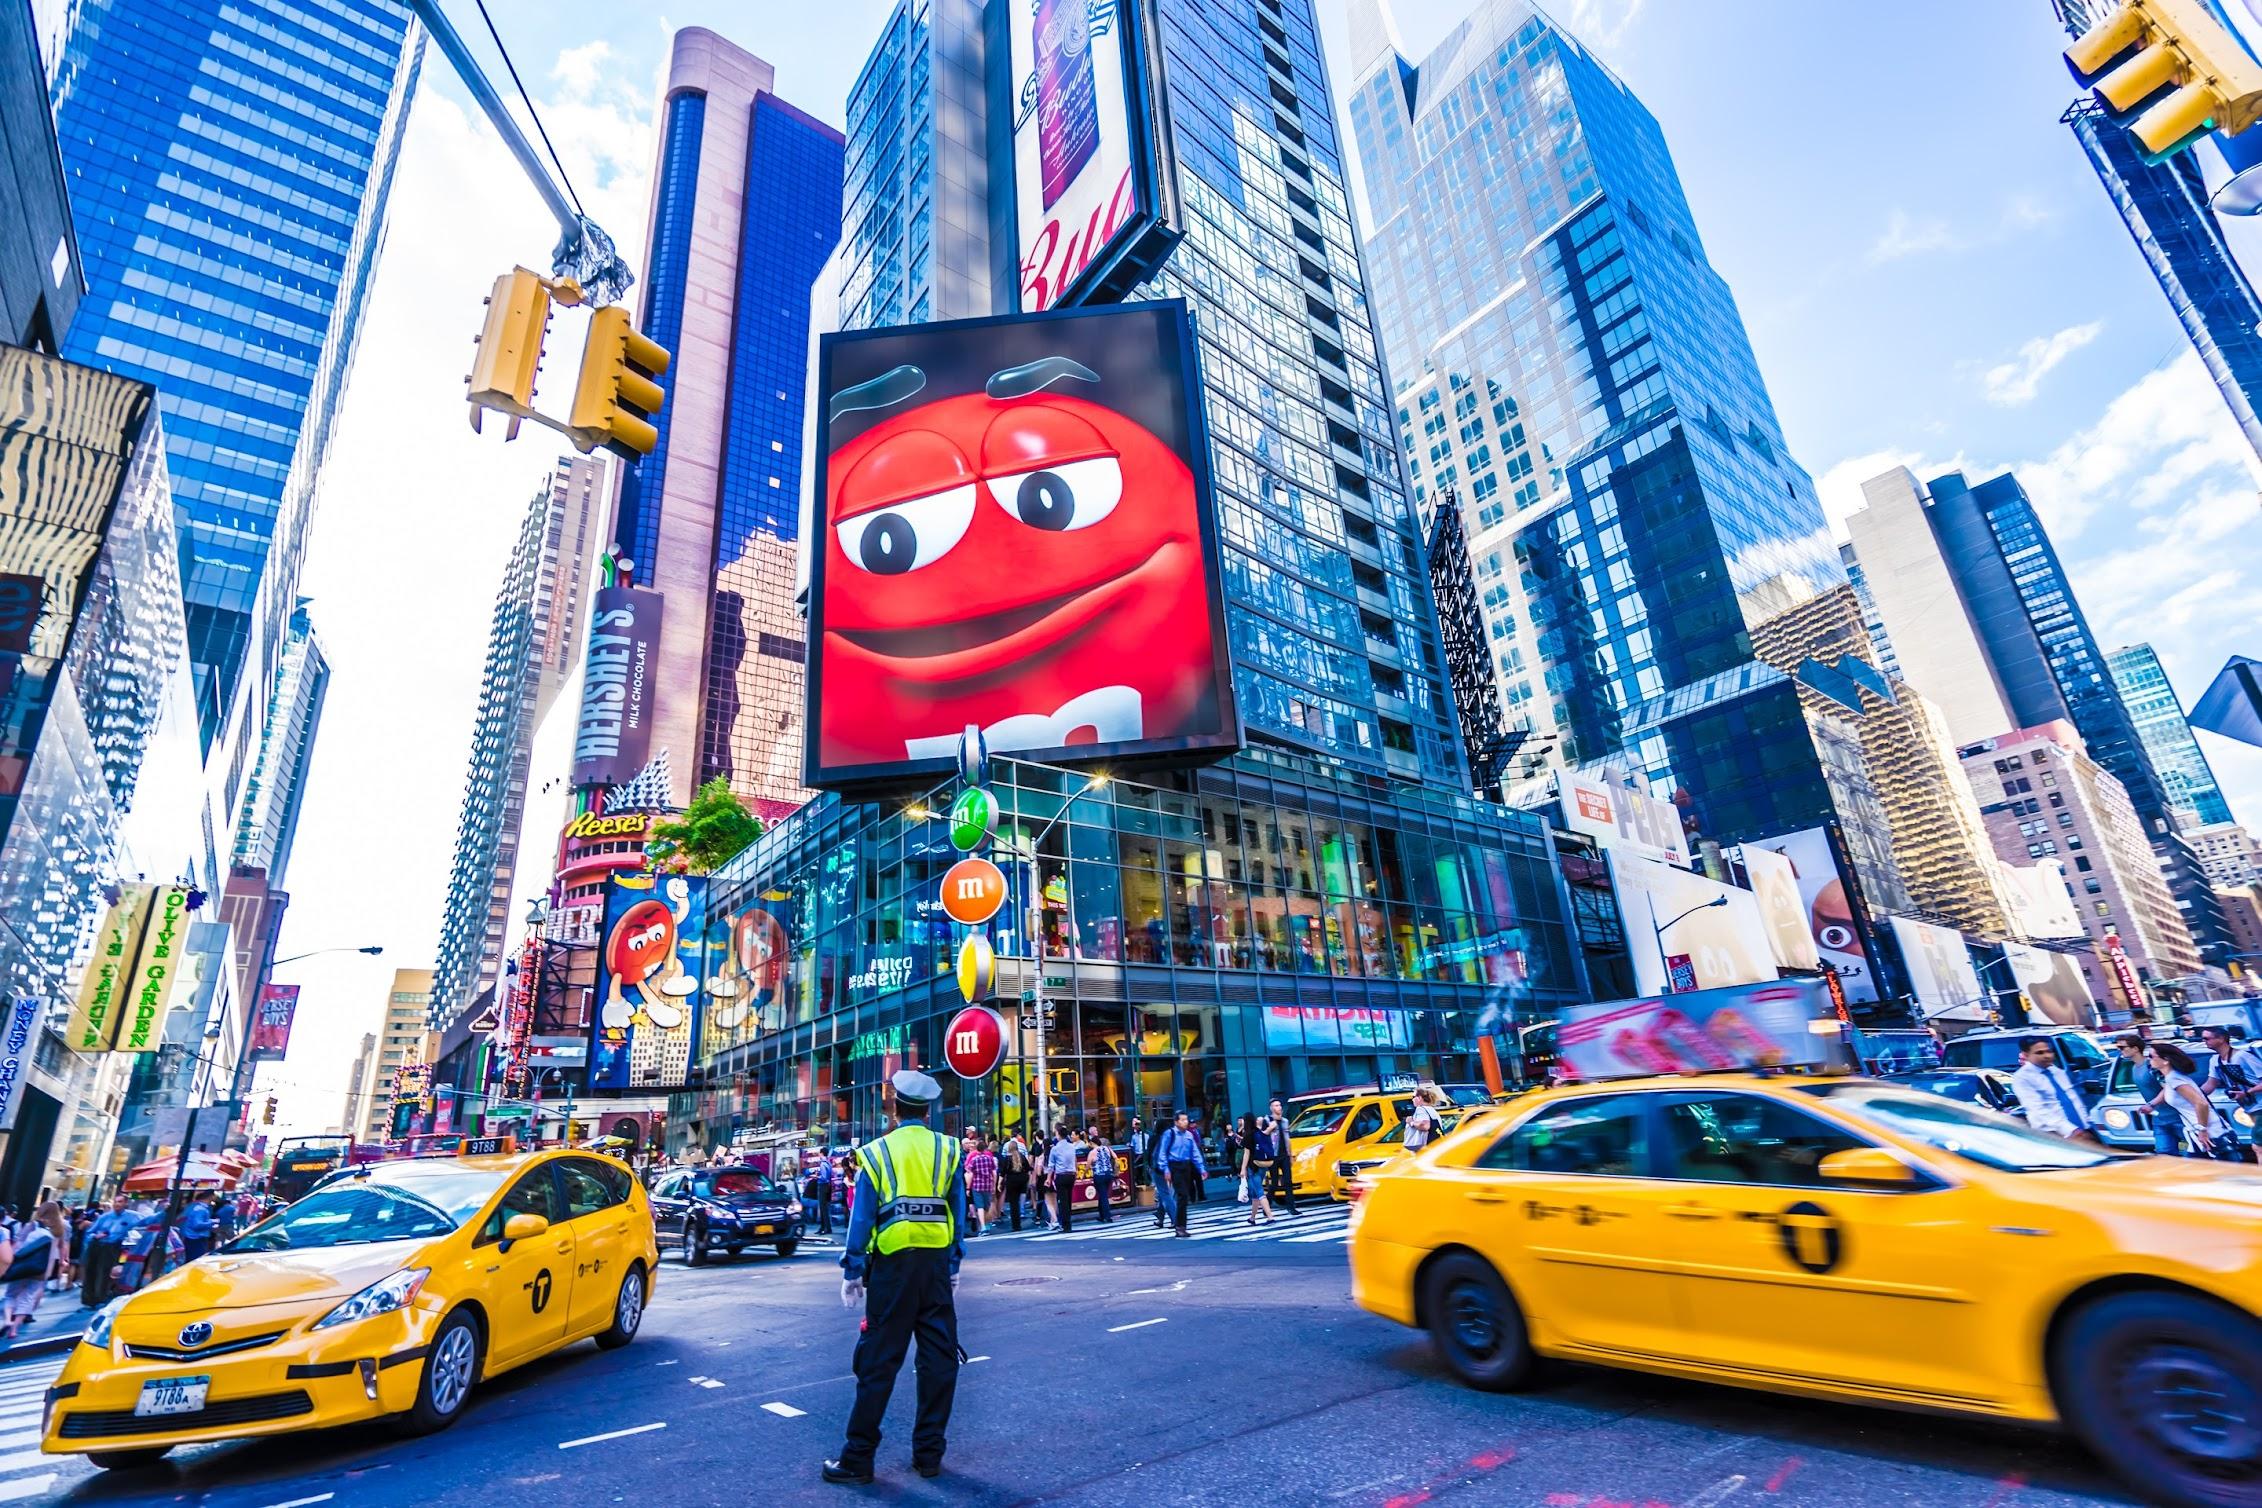 ニューヨーク タイムズスクエア M&M's エムアンドエムズ